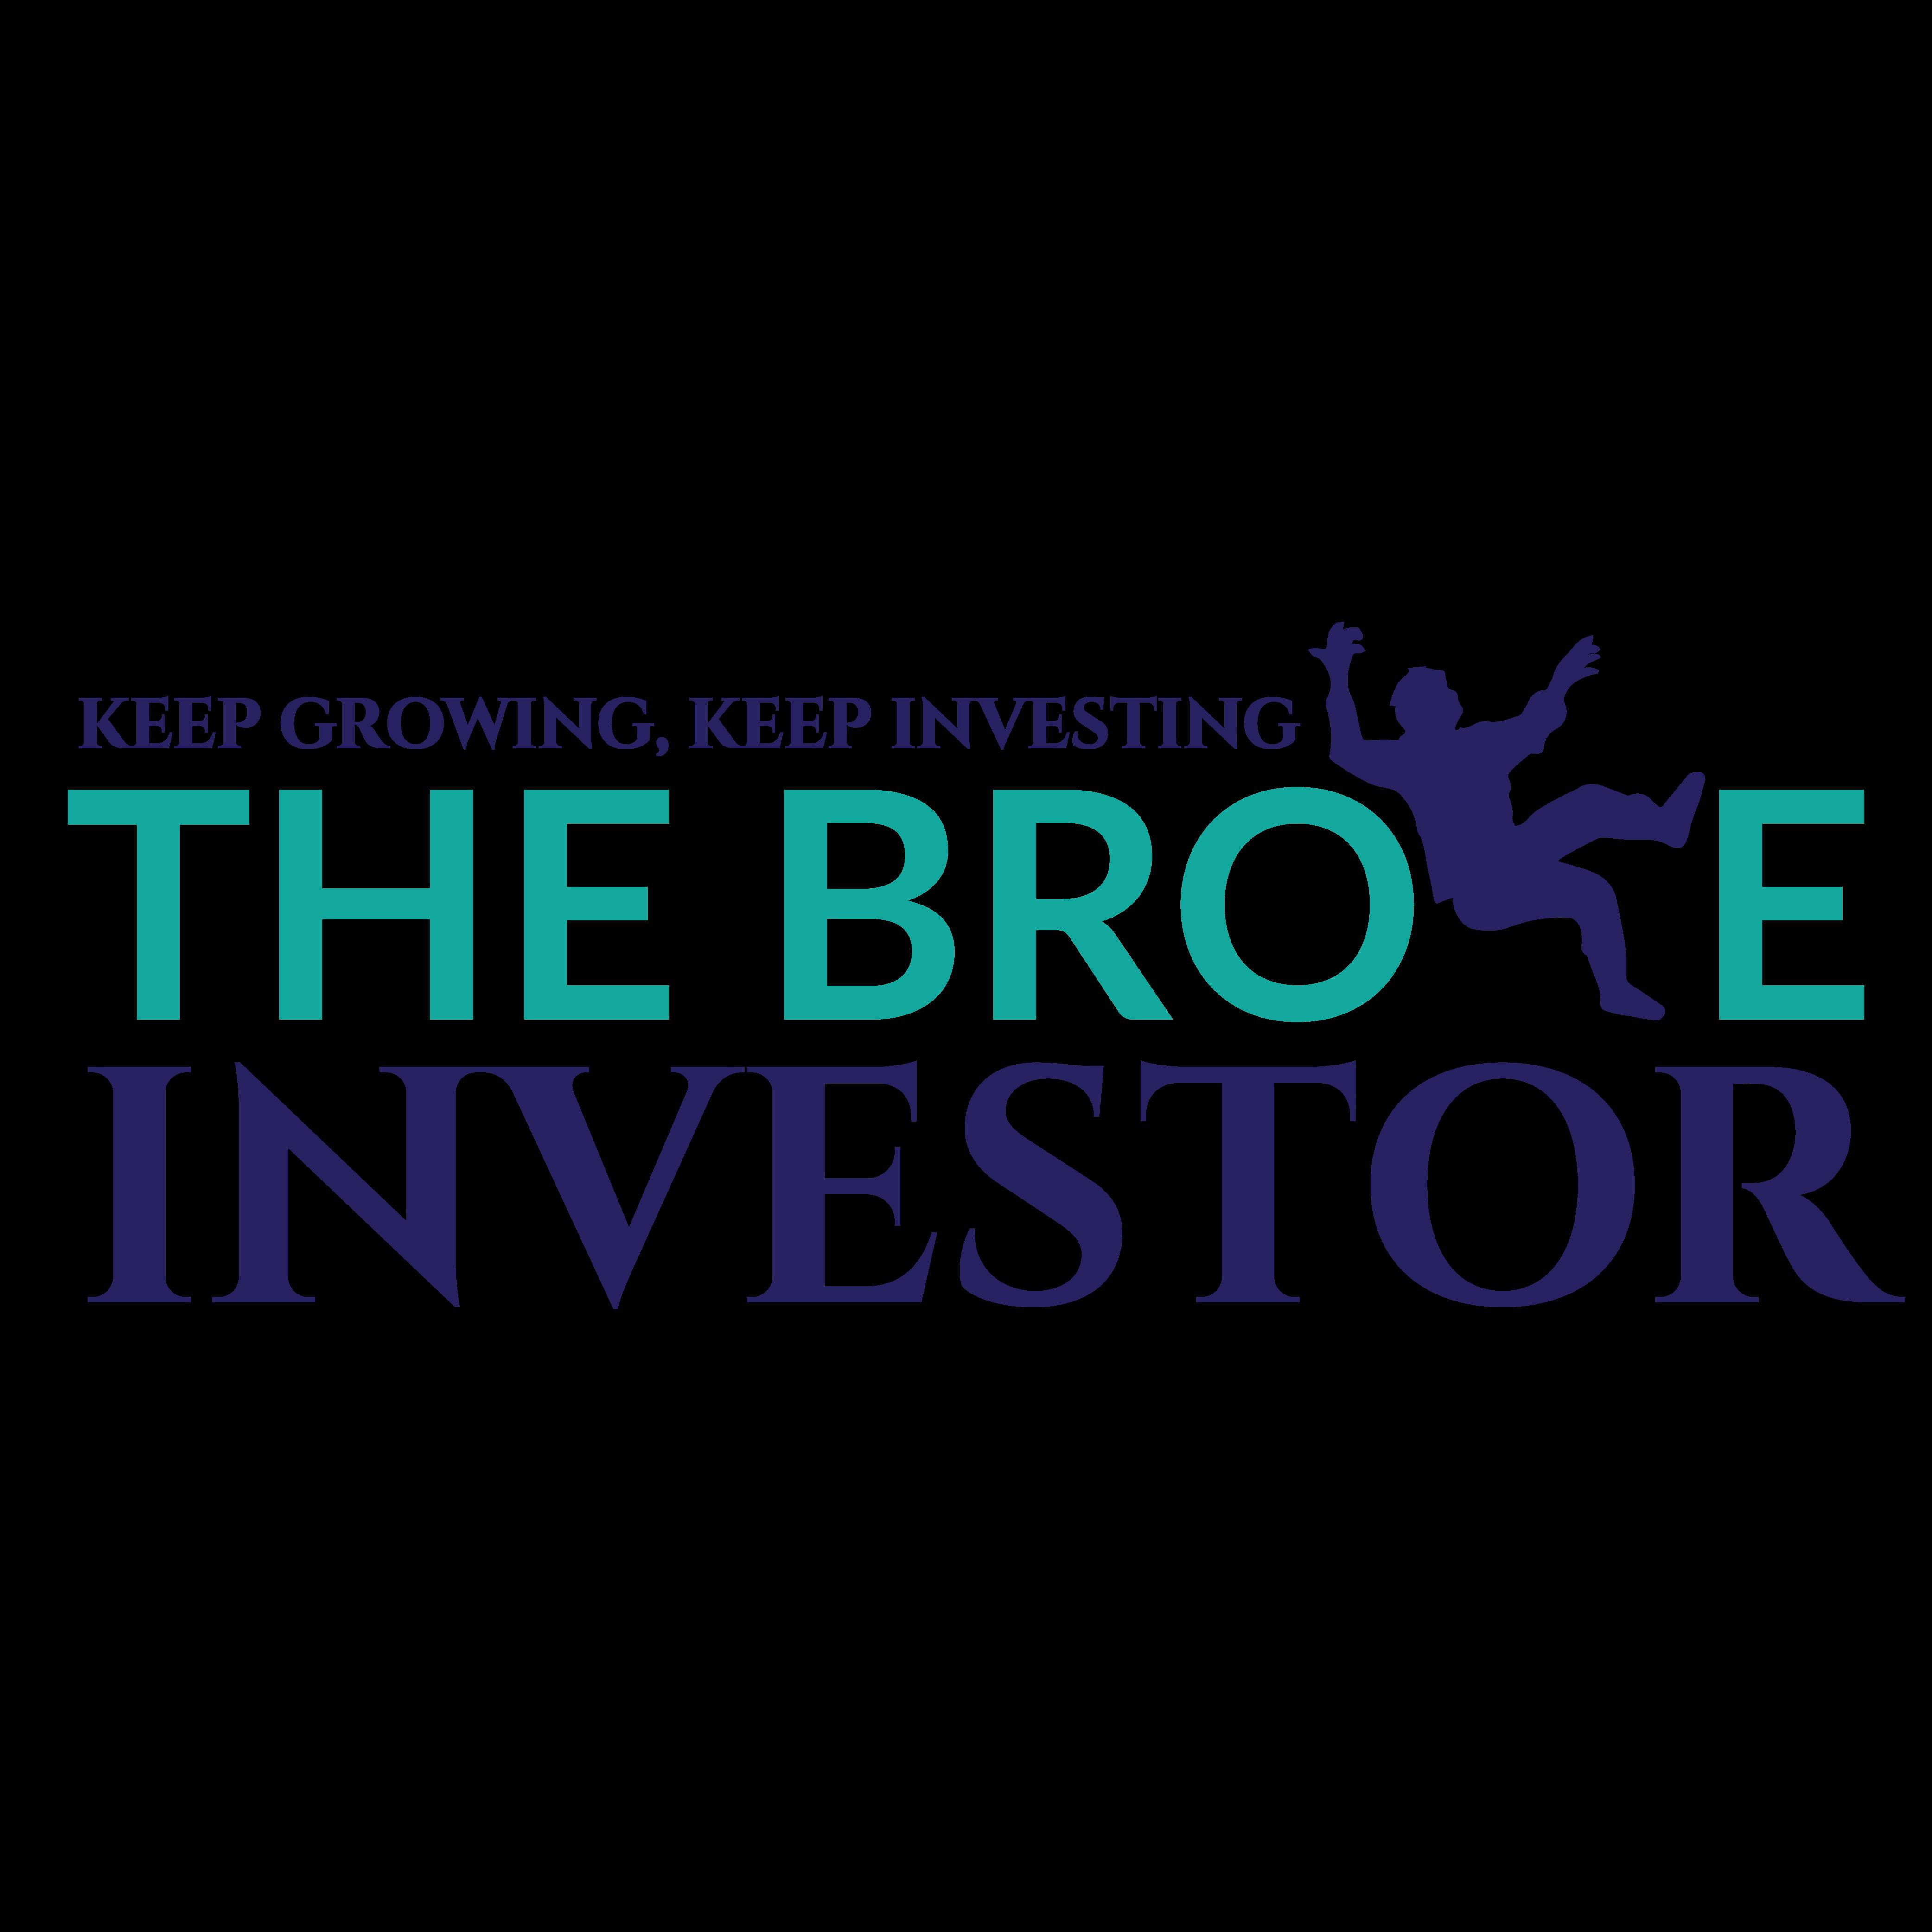 logo_design_the_broke01(1).png